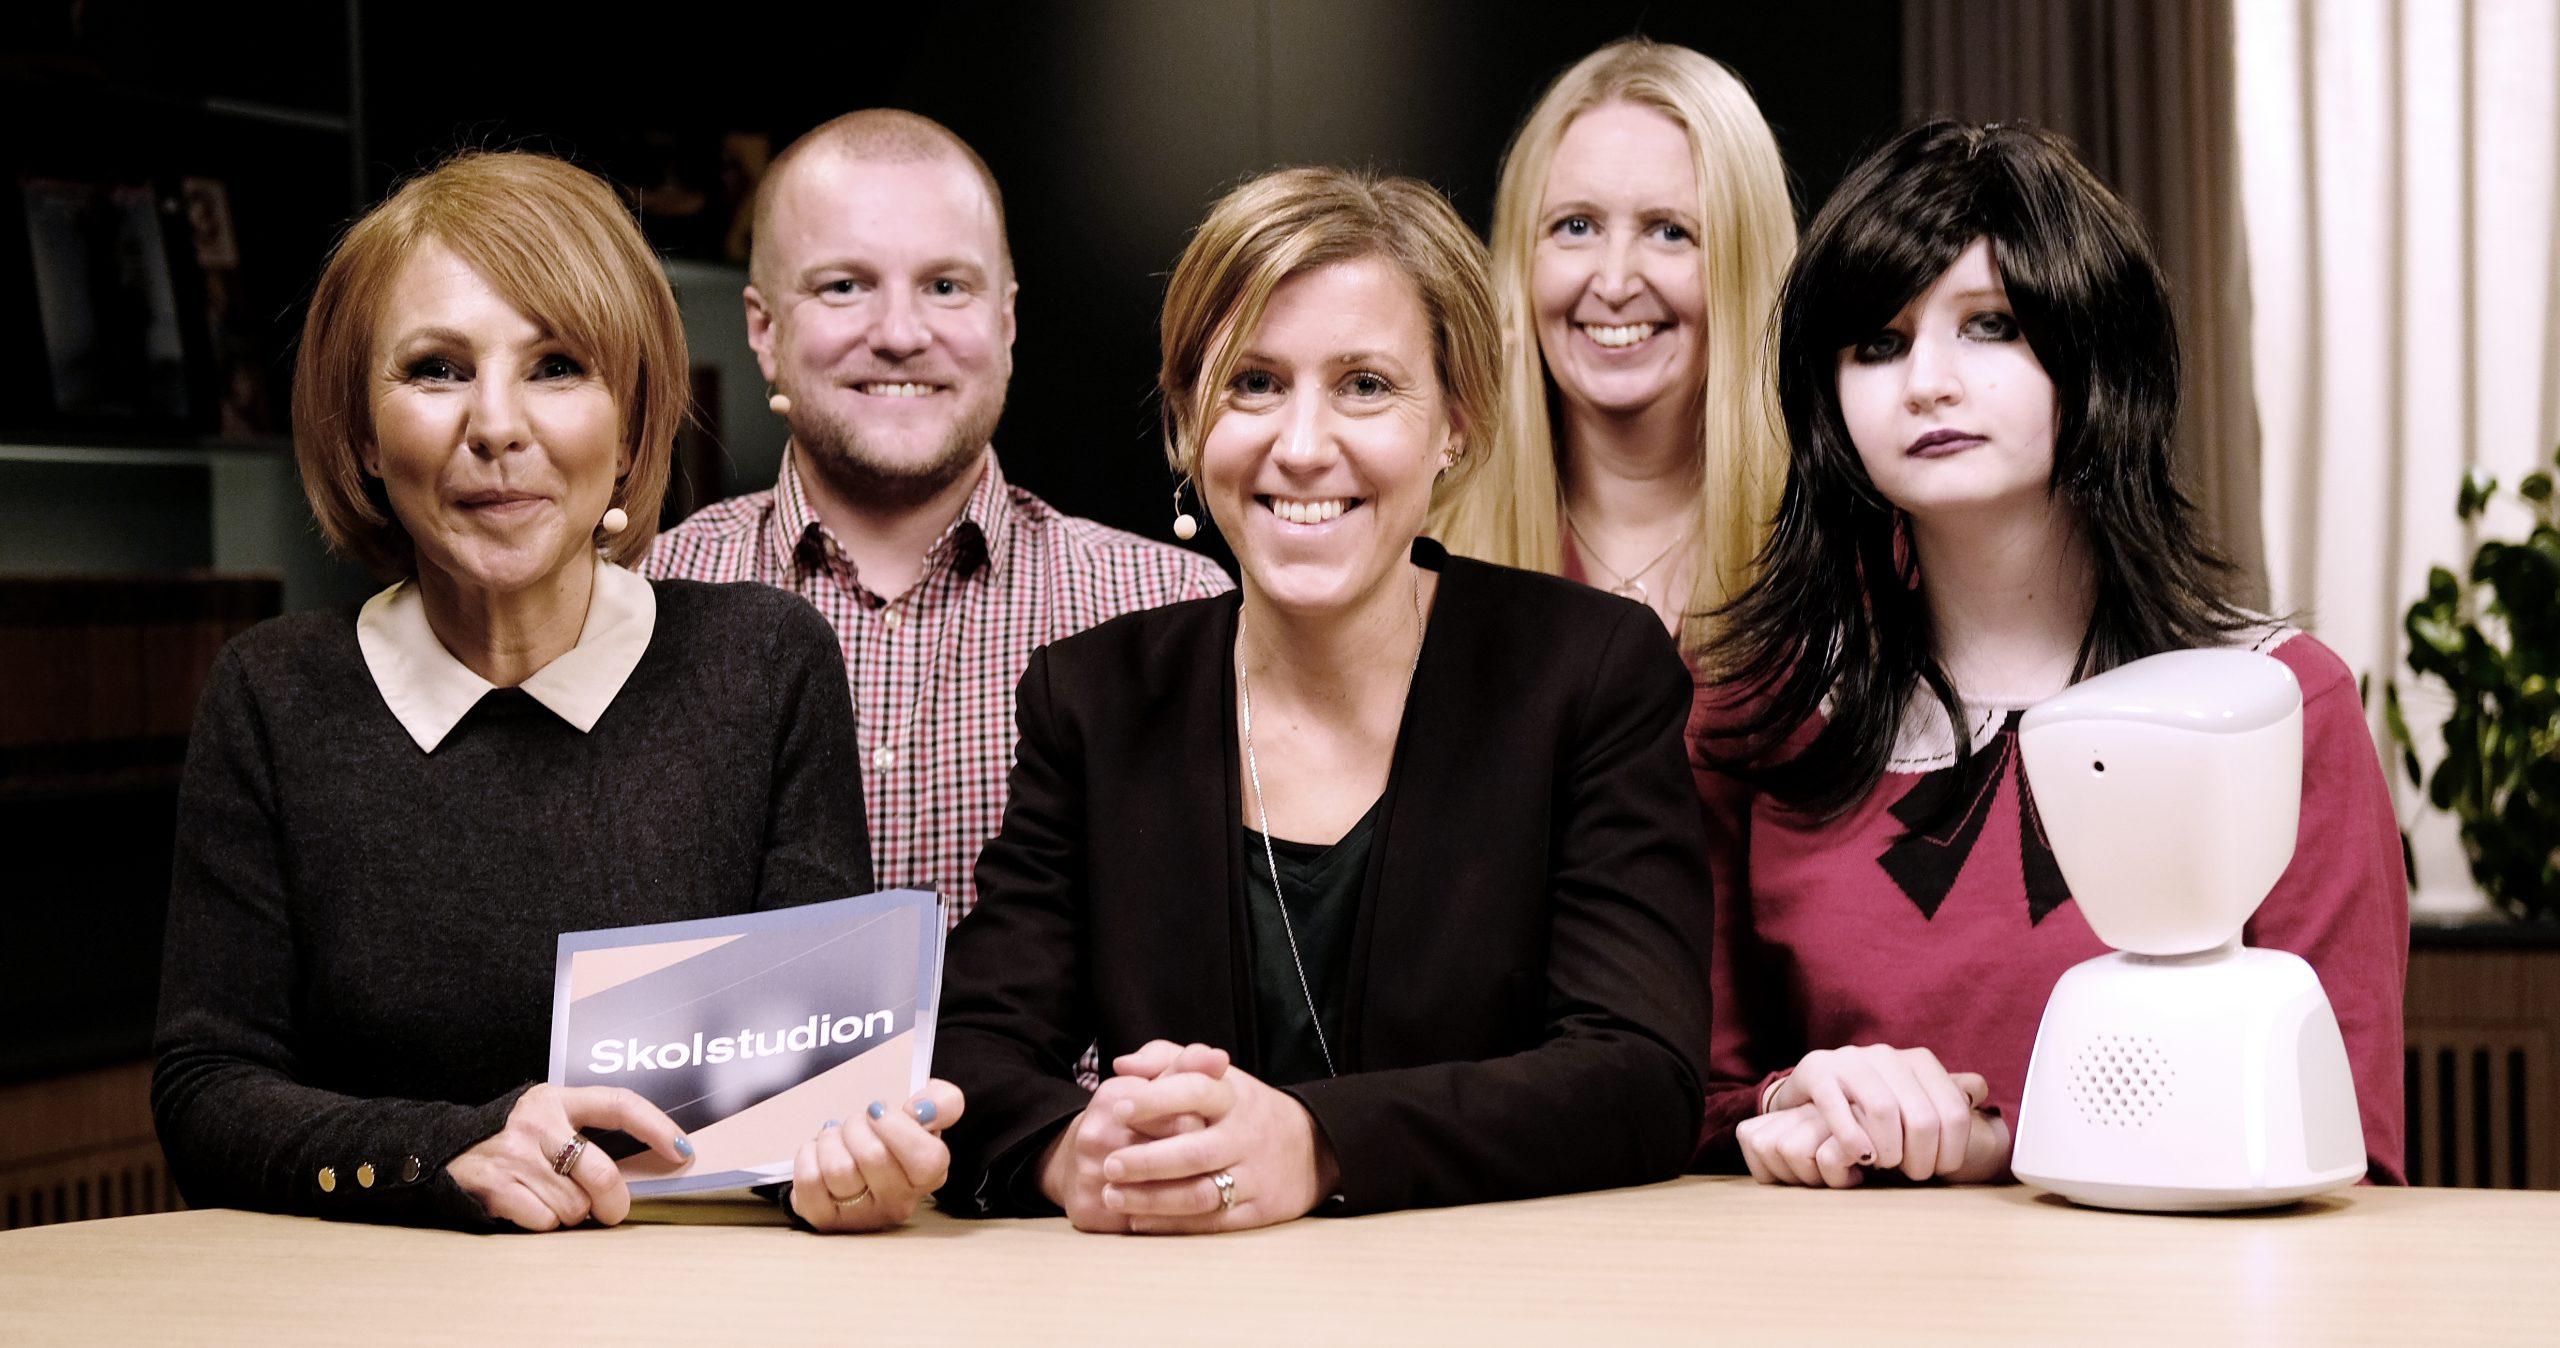 Jenny Reichwald med gästerna Emma Dahl, Axel Havelius, Annelie Karlsson och Idun.